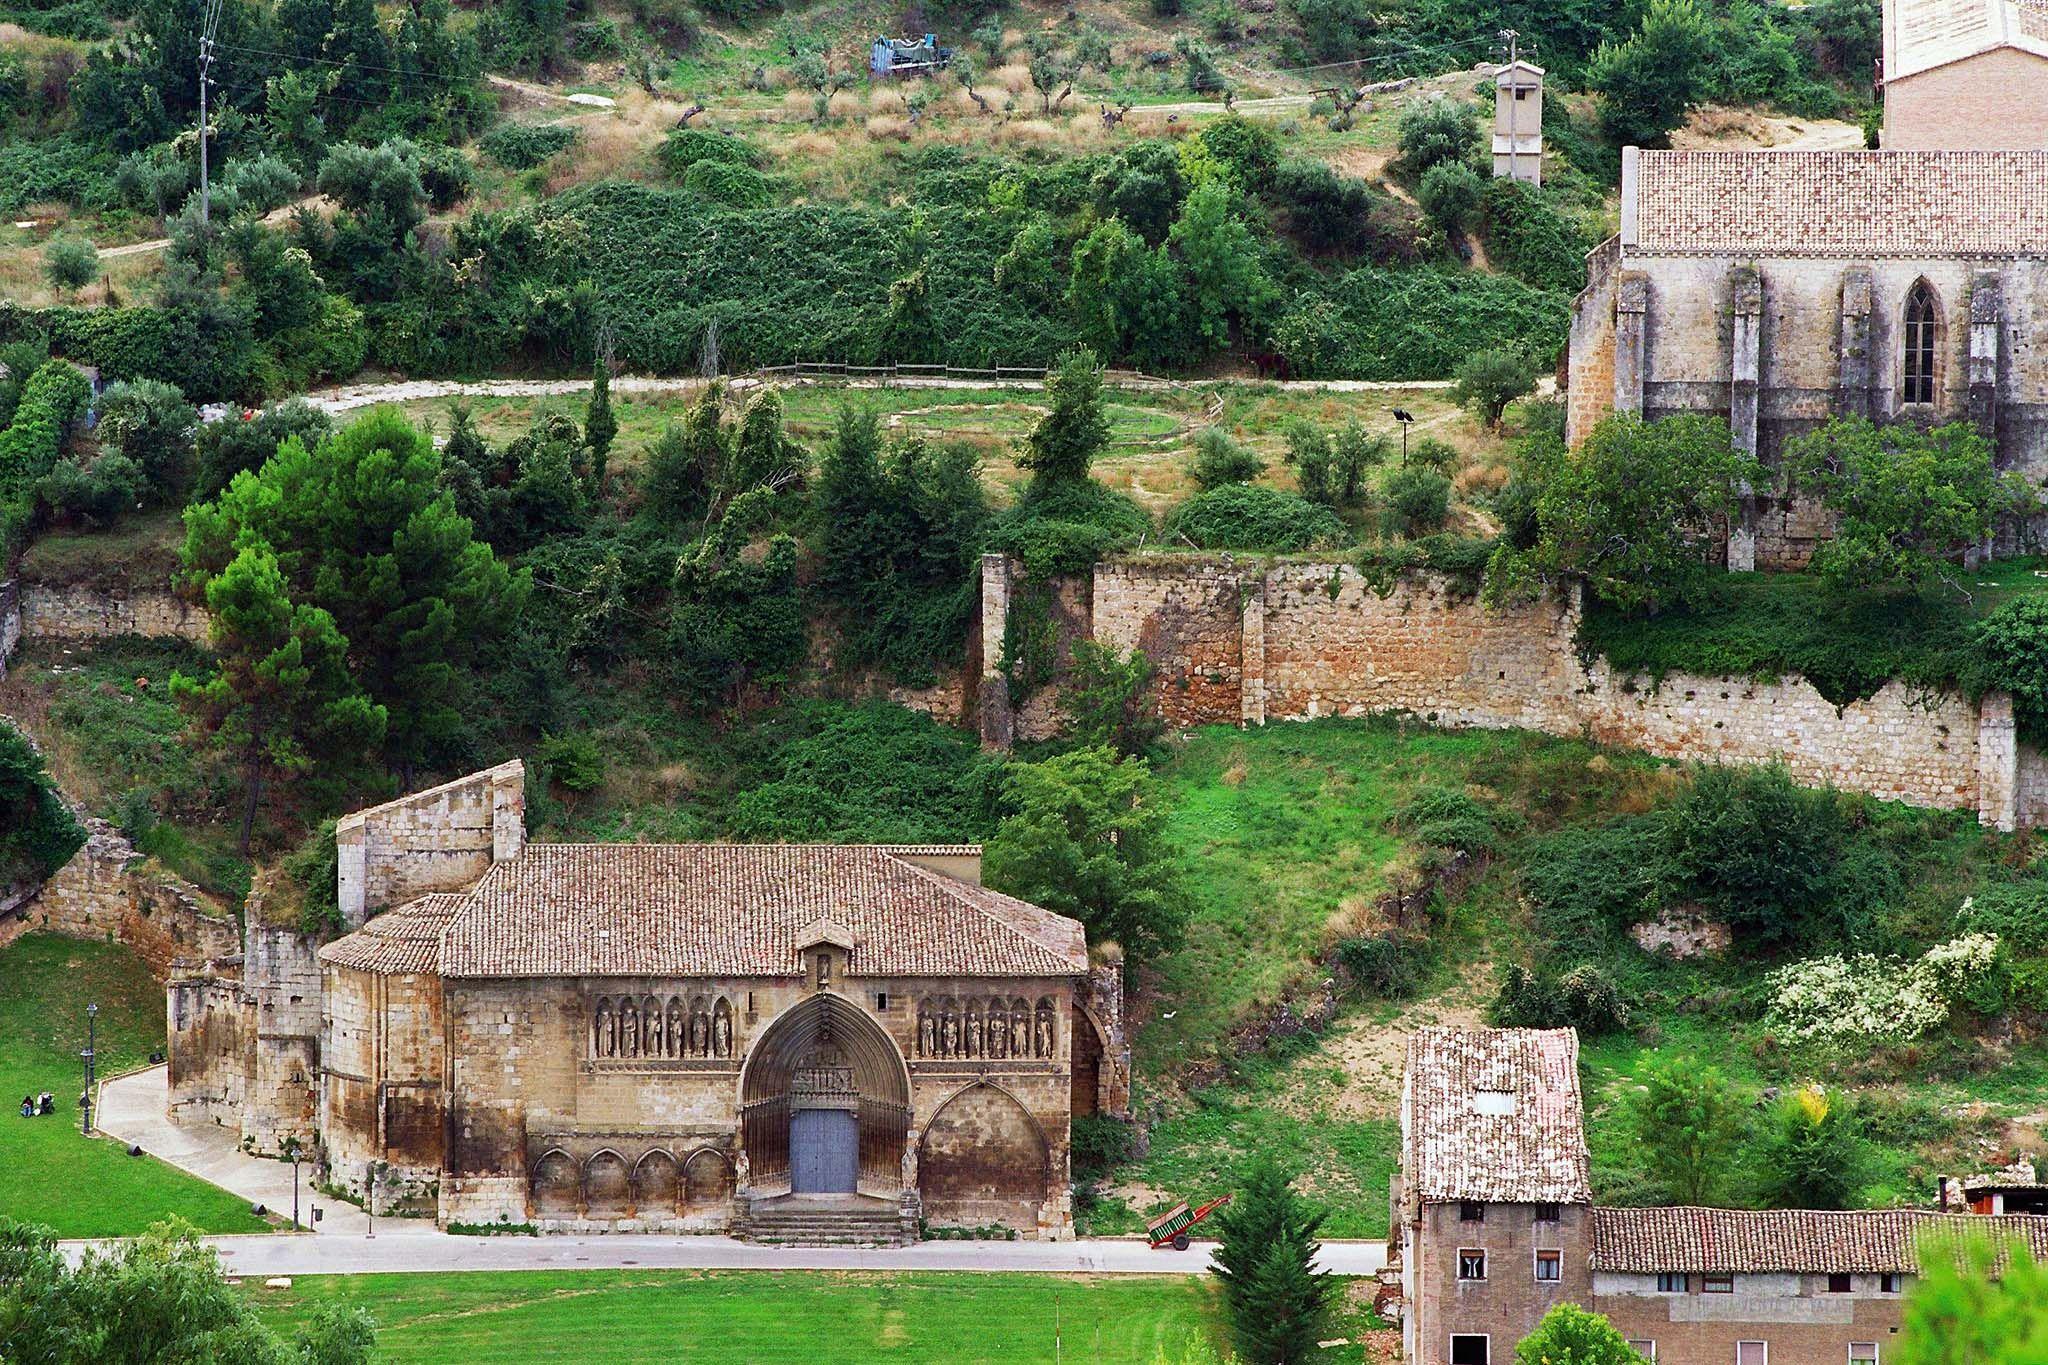 Red Medieval, patrimonio y naturaleza para disfrutar de ocio sin aglomeraciones en la nueva normalidad